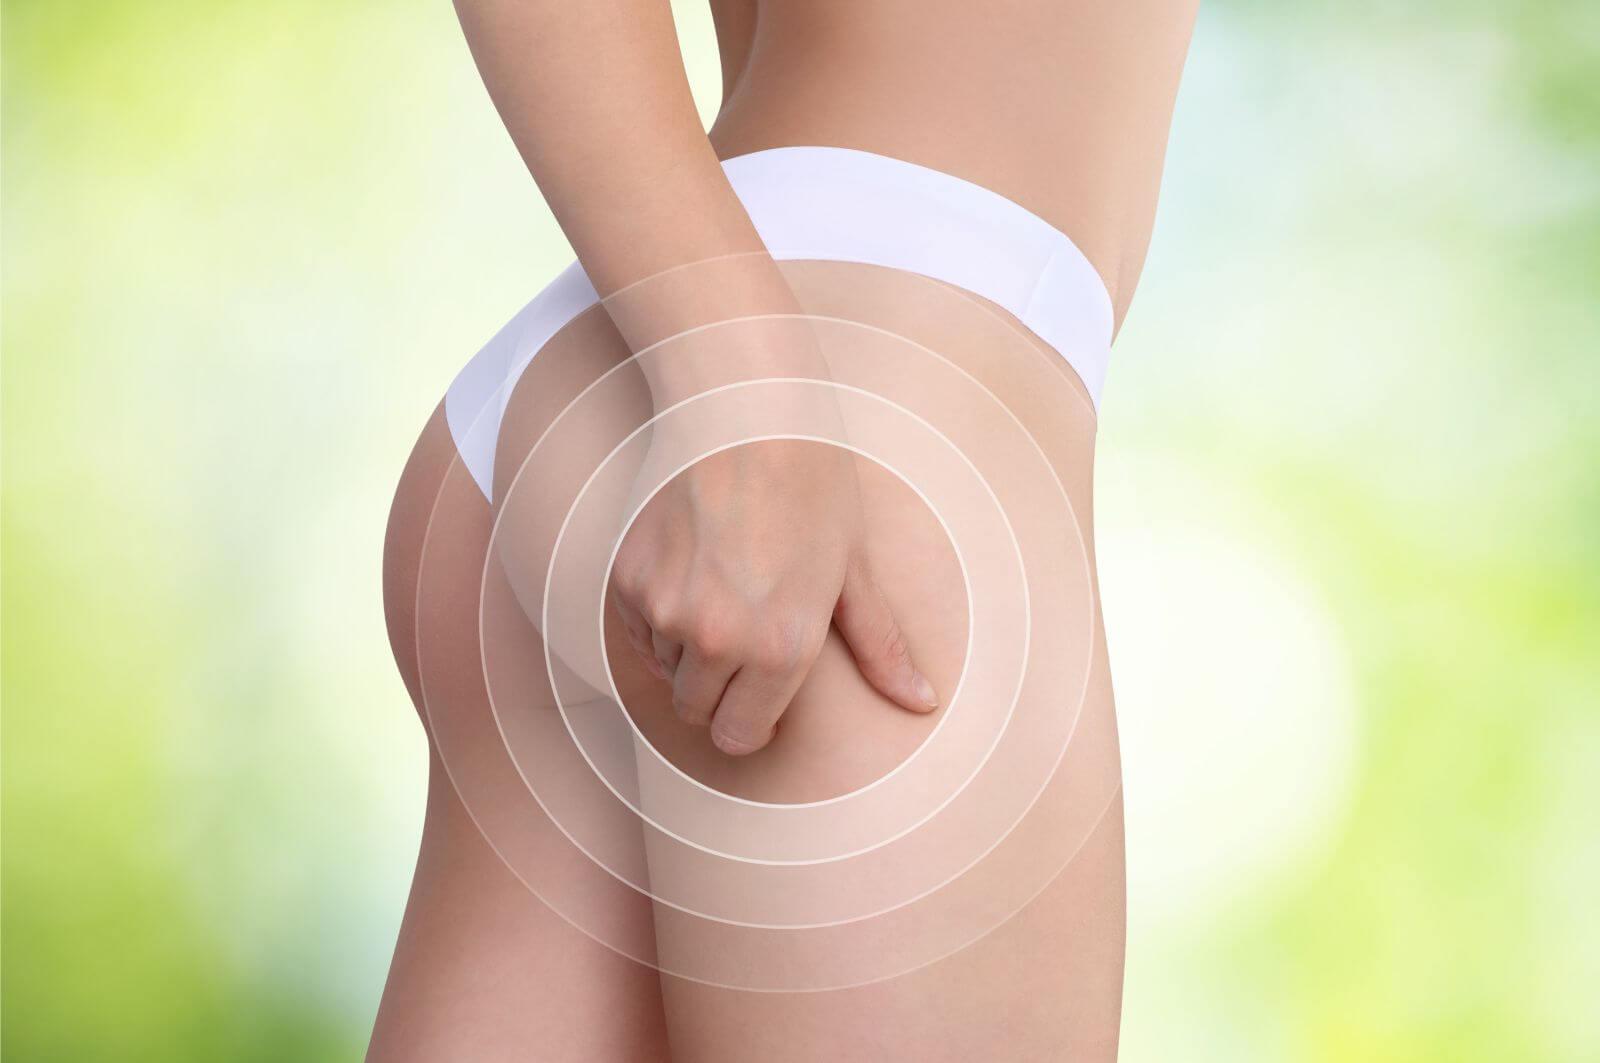 10 remèdes naturels pour éliminer la cellulite